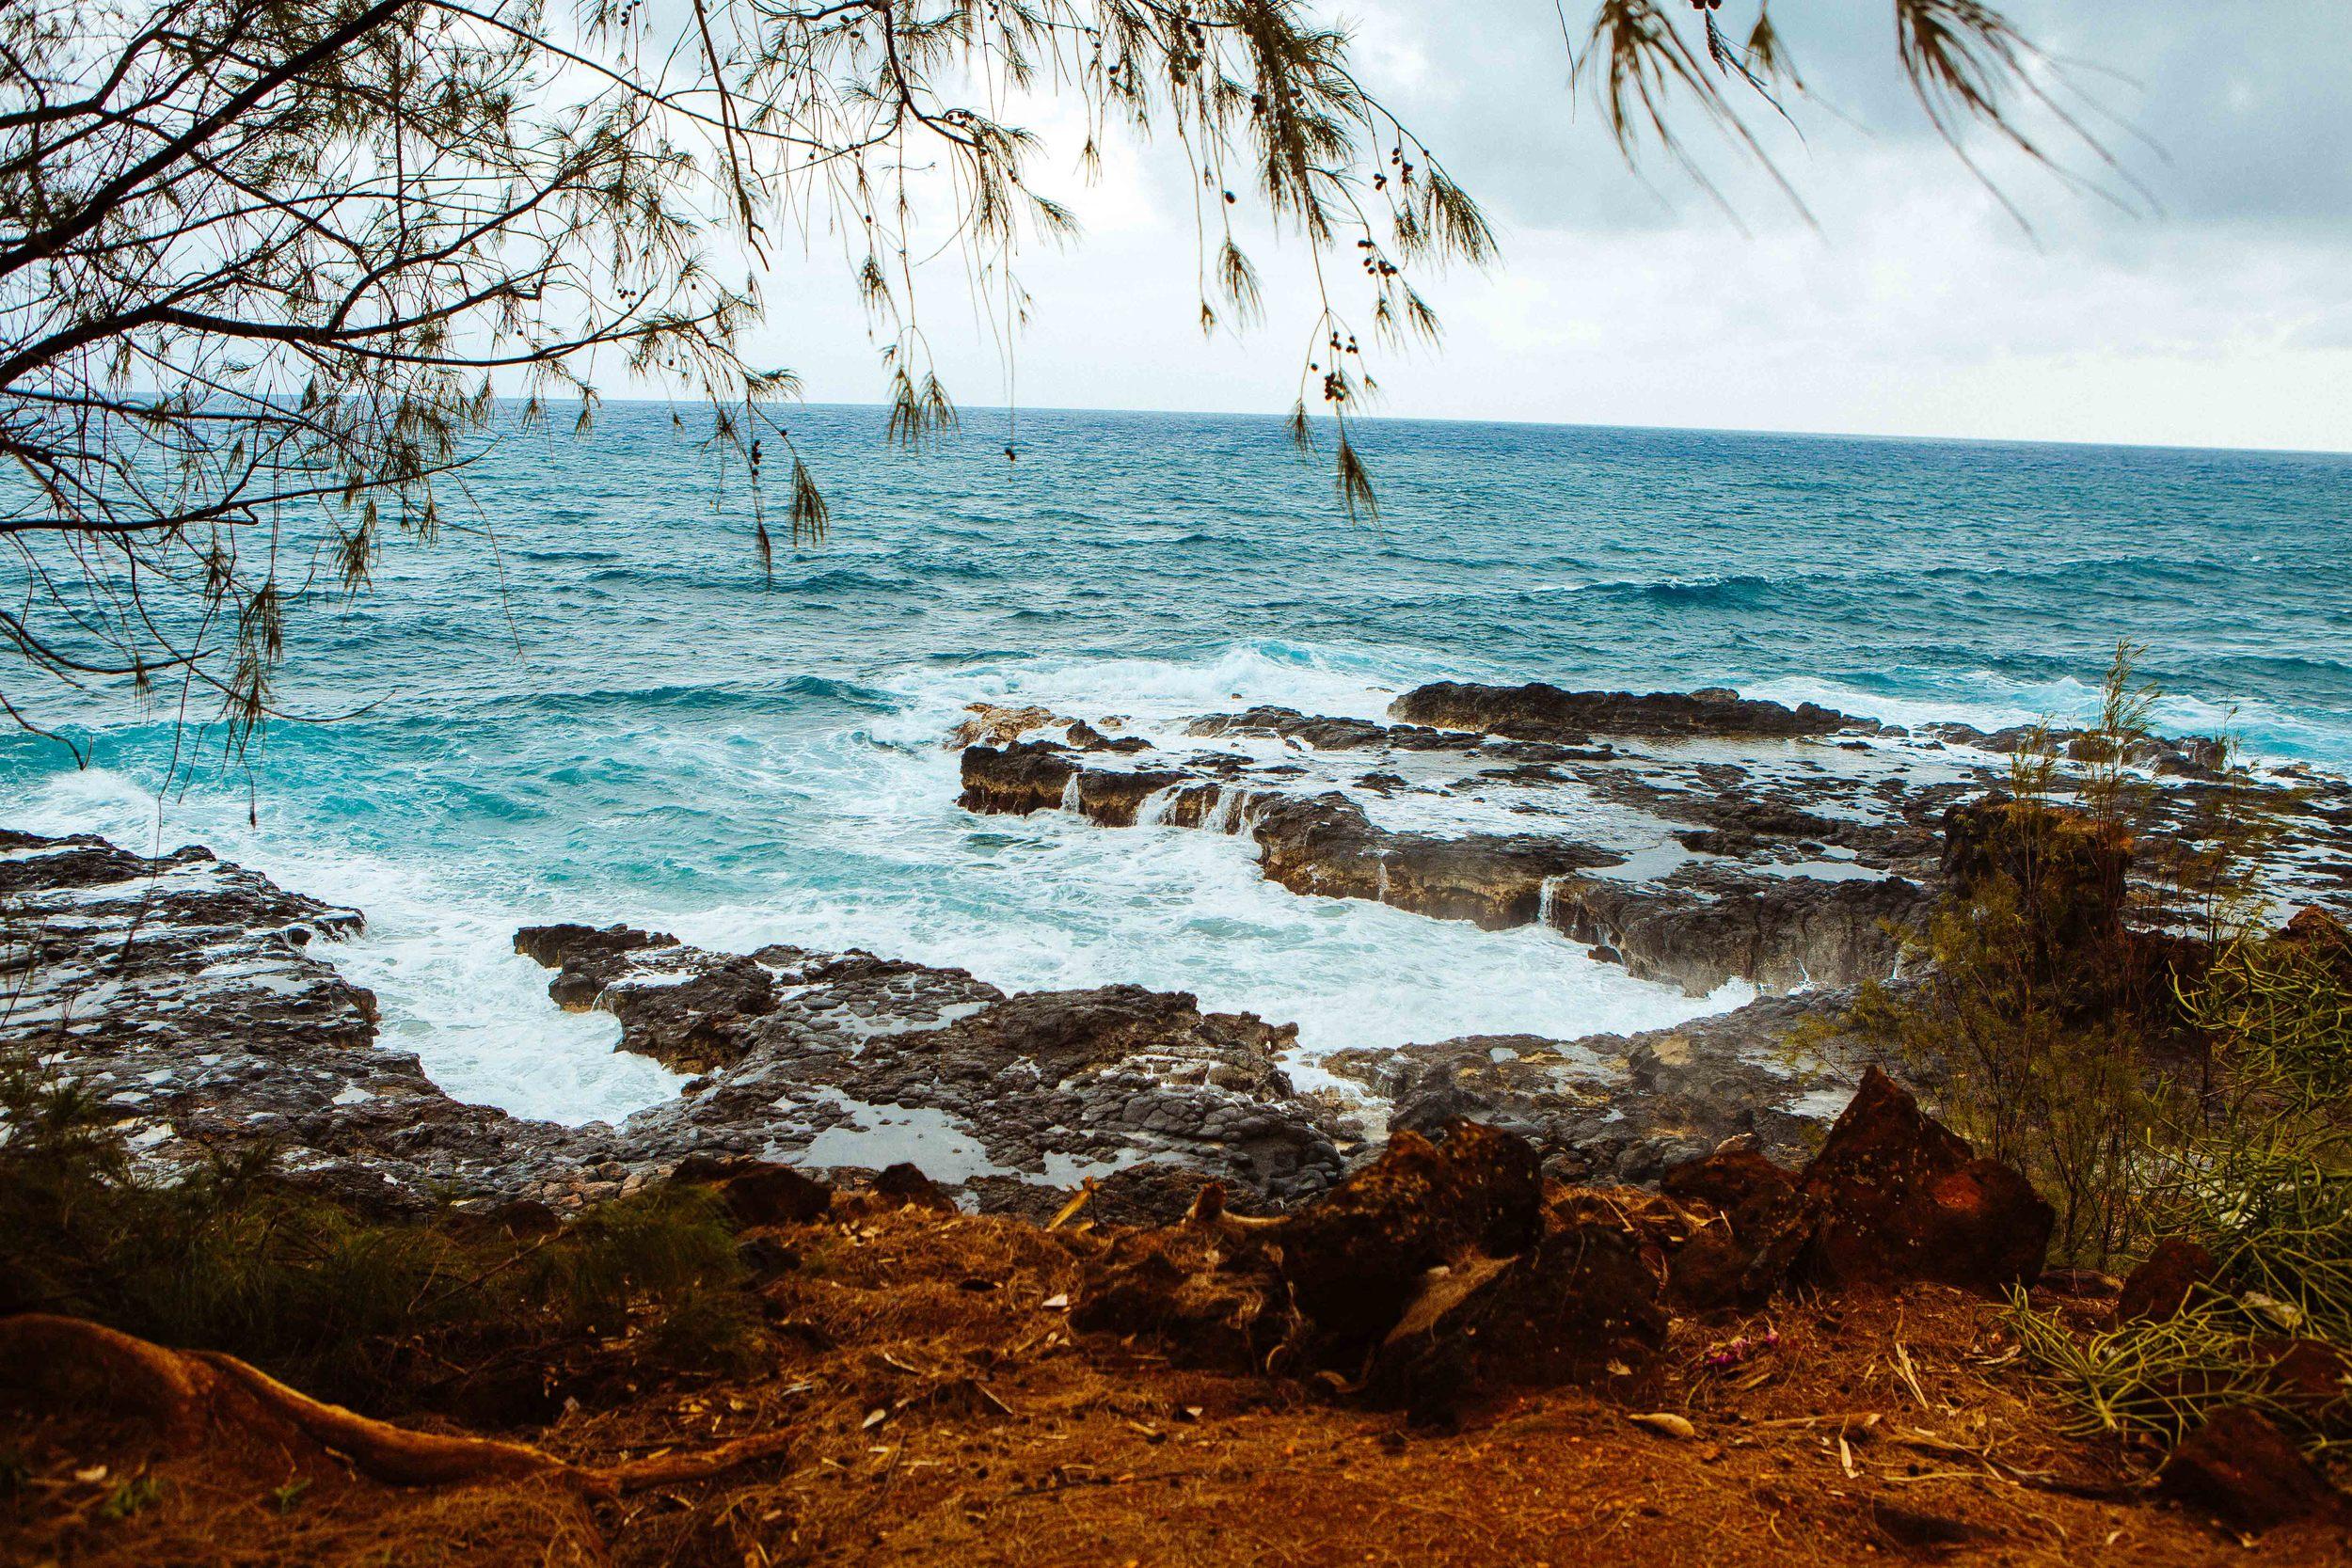 Kauai_day1_ (290 of 310)-2.jpg